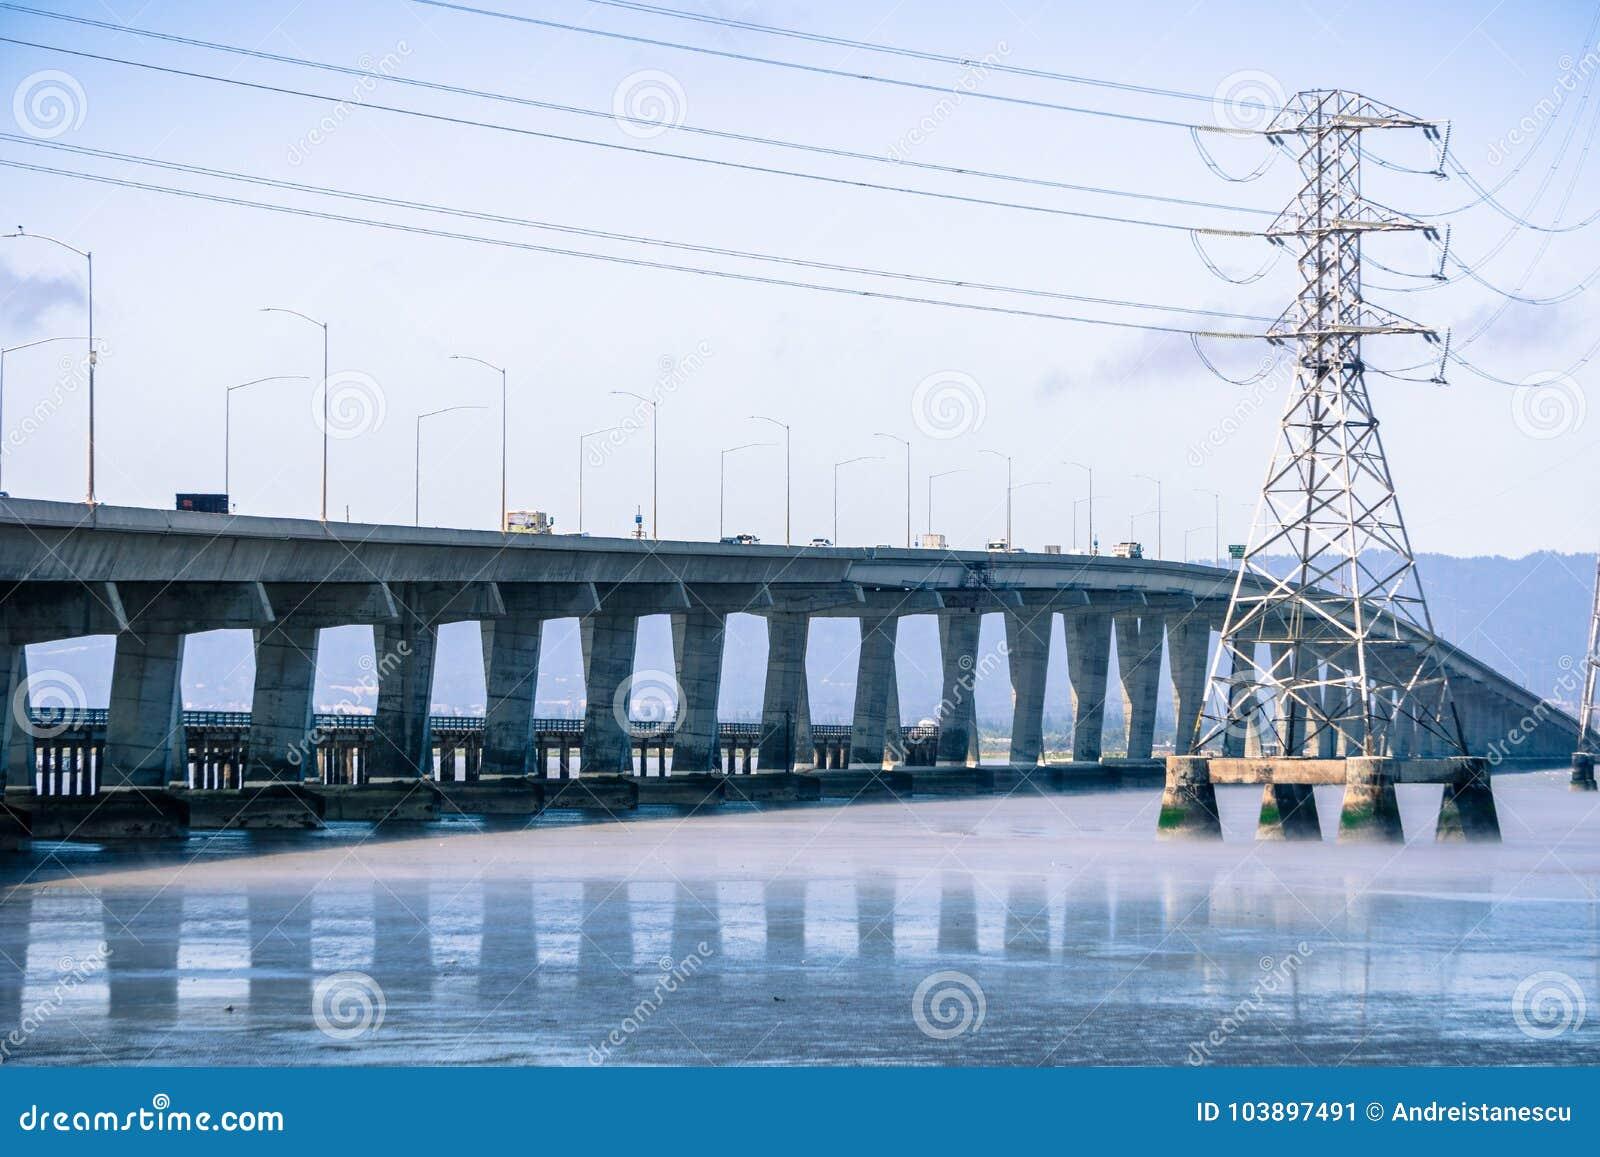 连接佛瑞蒙的敦巴顿橡树园桥梁到门洛帕克,旧金山湾区,加利福尼亚